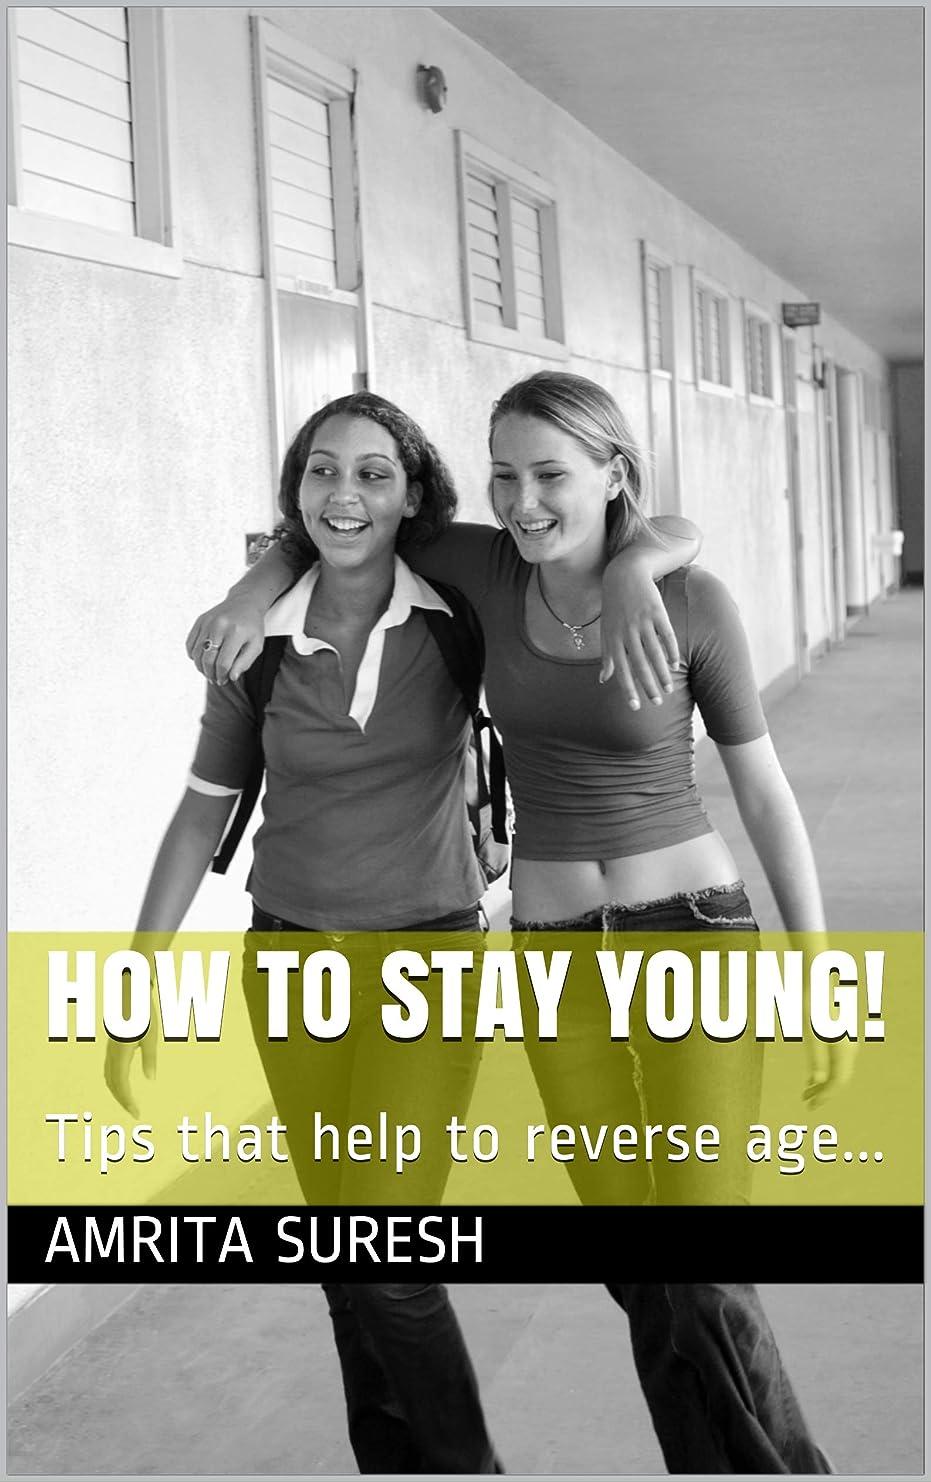 二うそつき制裁How to Stay Young!: Tips that help to reverse age... (English Edition)